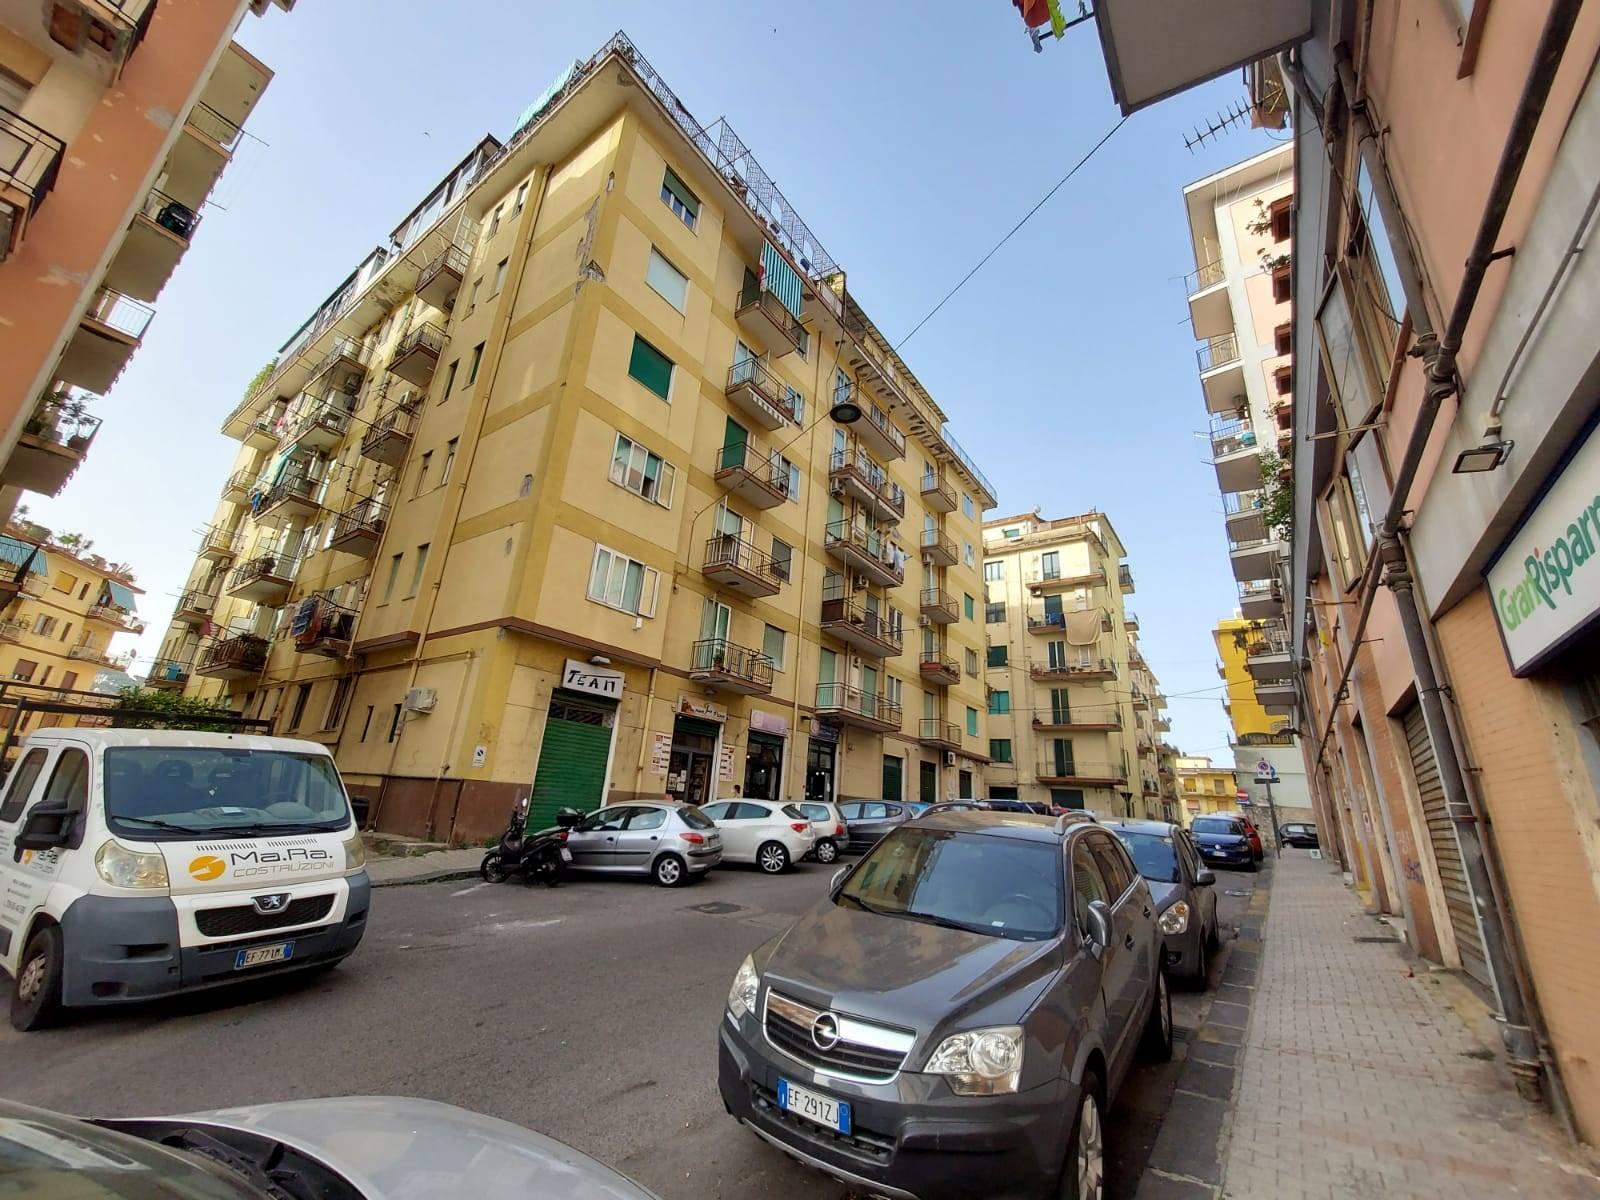 CARMINE, SALERNO, Wohnung zu verkaufen, Renoviert, Energie-klasse: G, am boden 1°, zusammengestellt von: 3 Raume, 2 Baeder, Aufzug, Preis auf anfrage